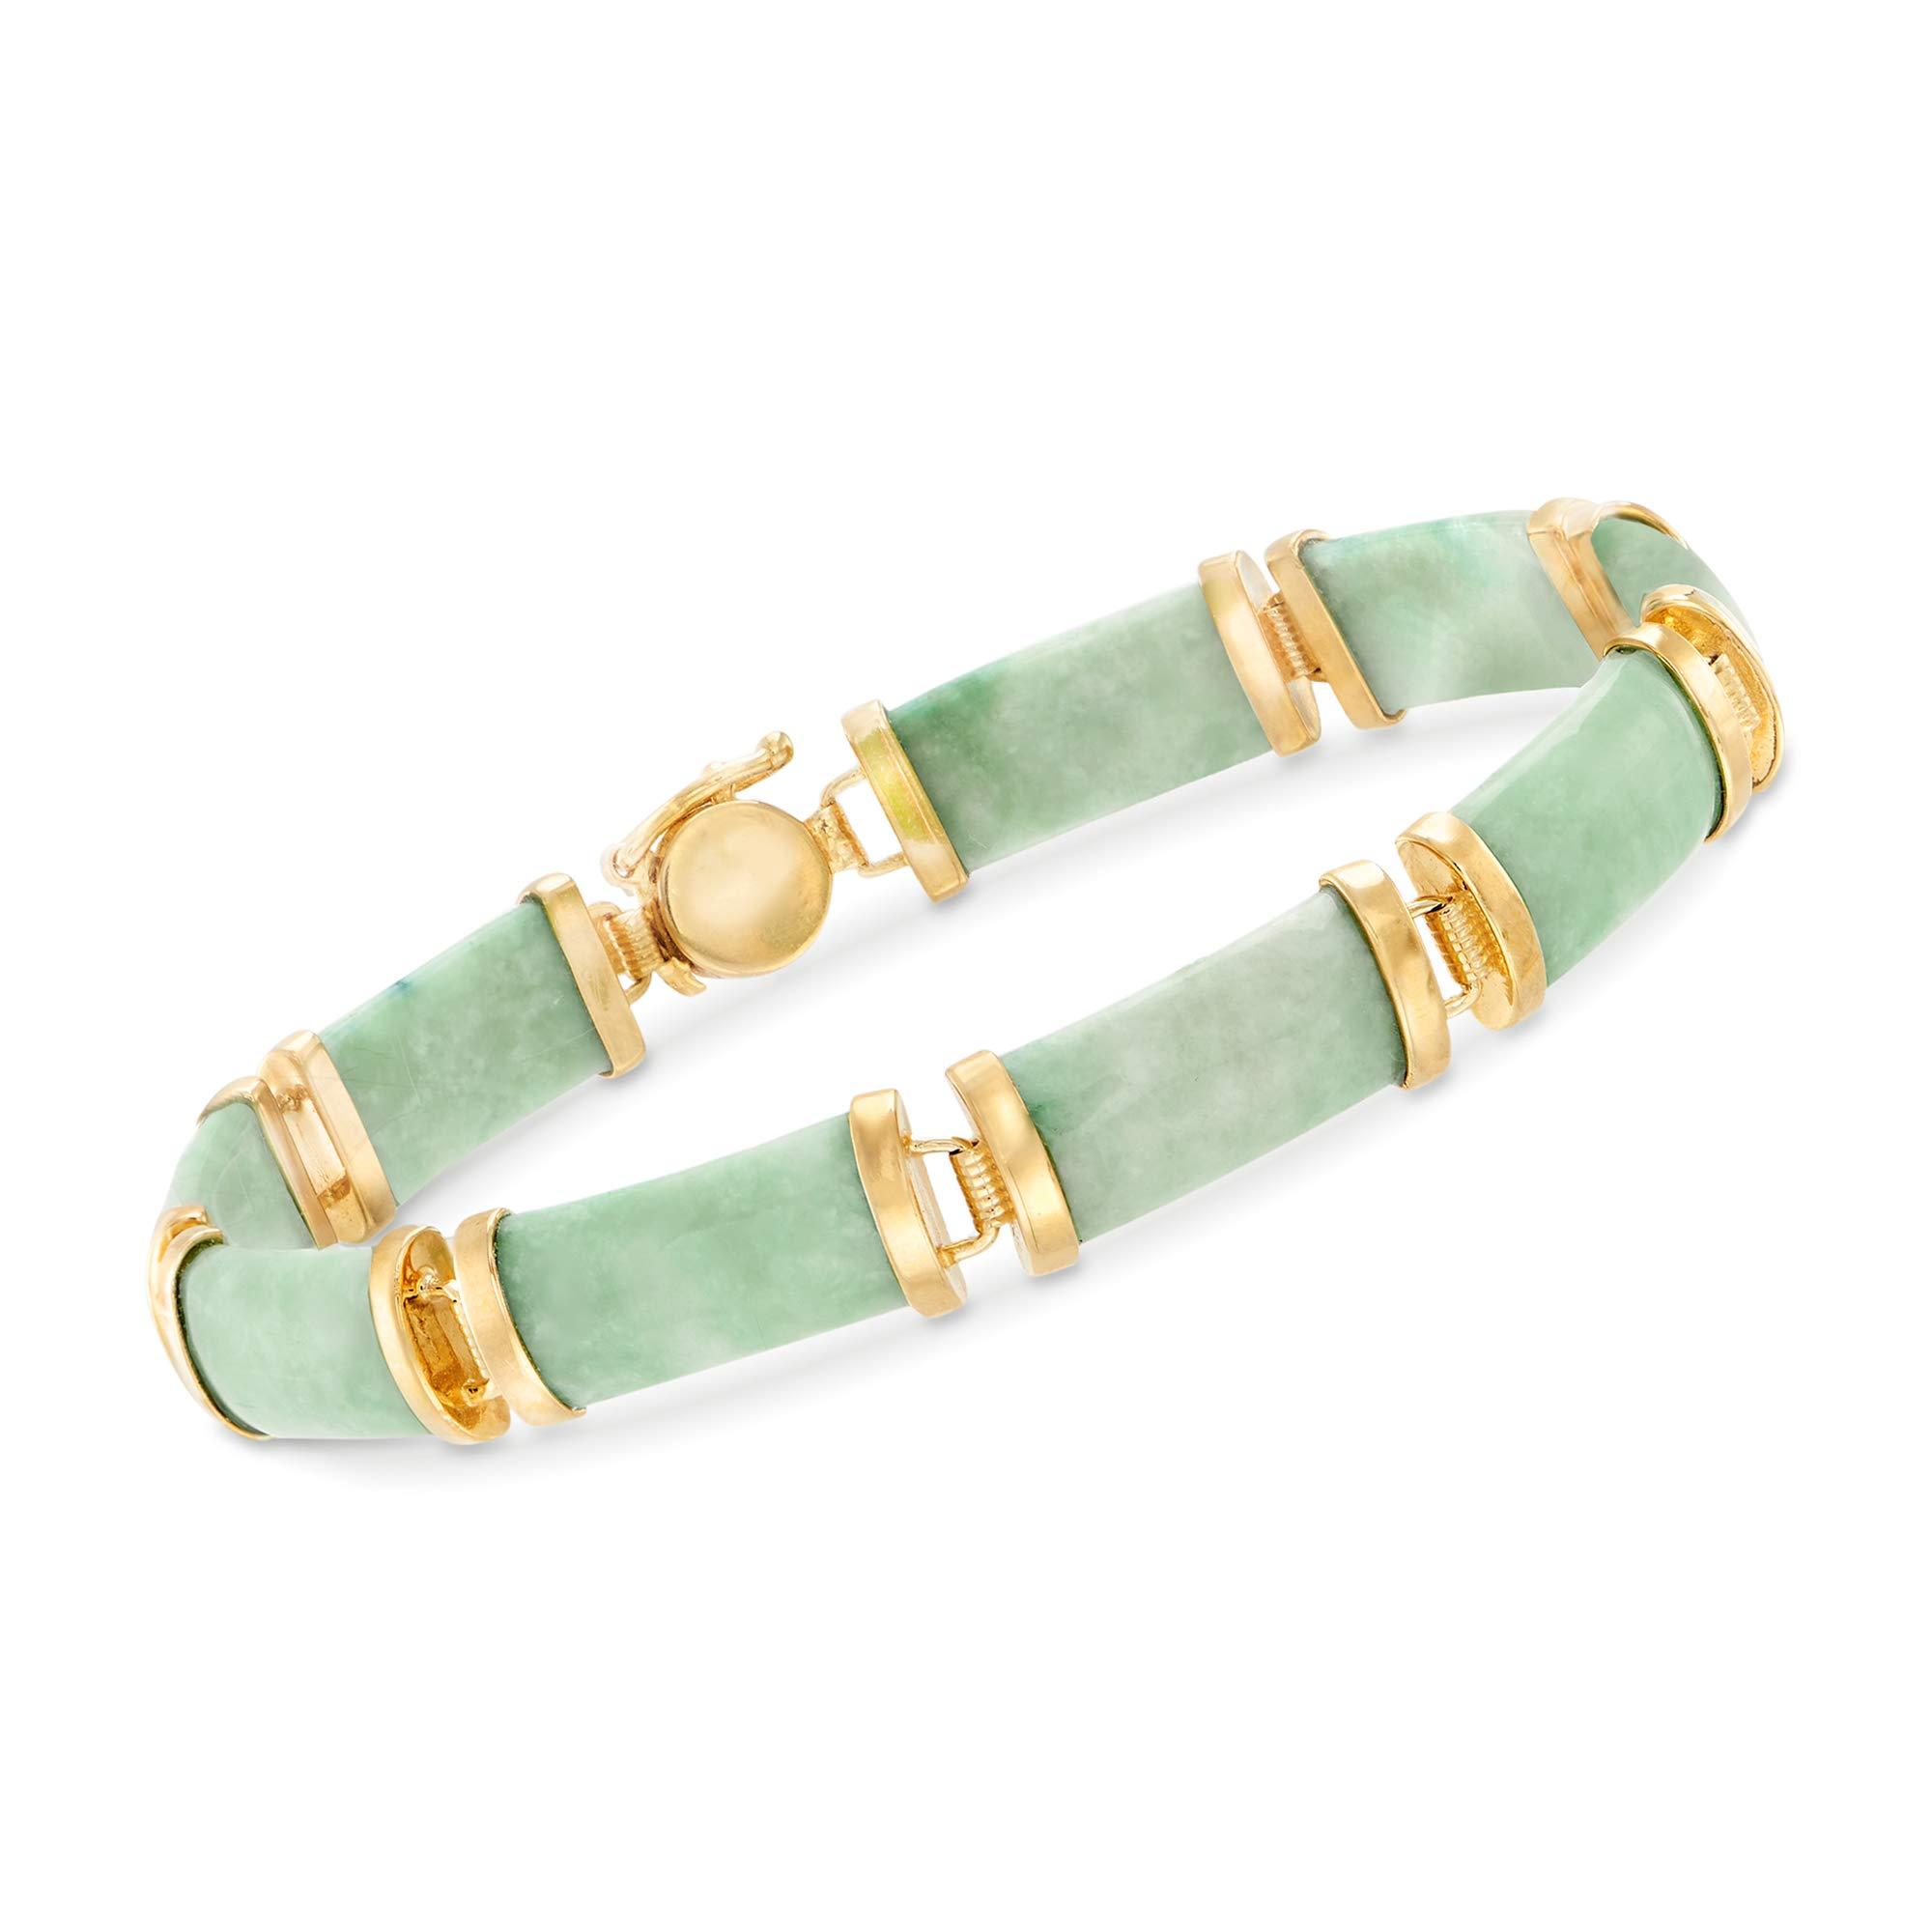 Ross-Simons Green Jade Bar Bracelet in 18kt Gold Over Sterling by Ross-Simons